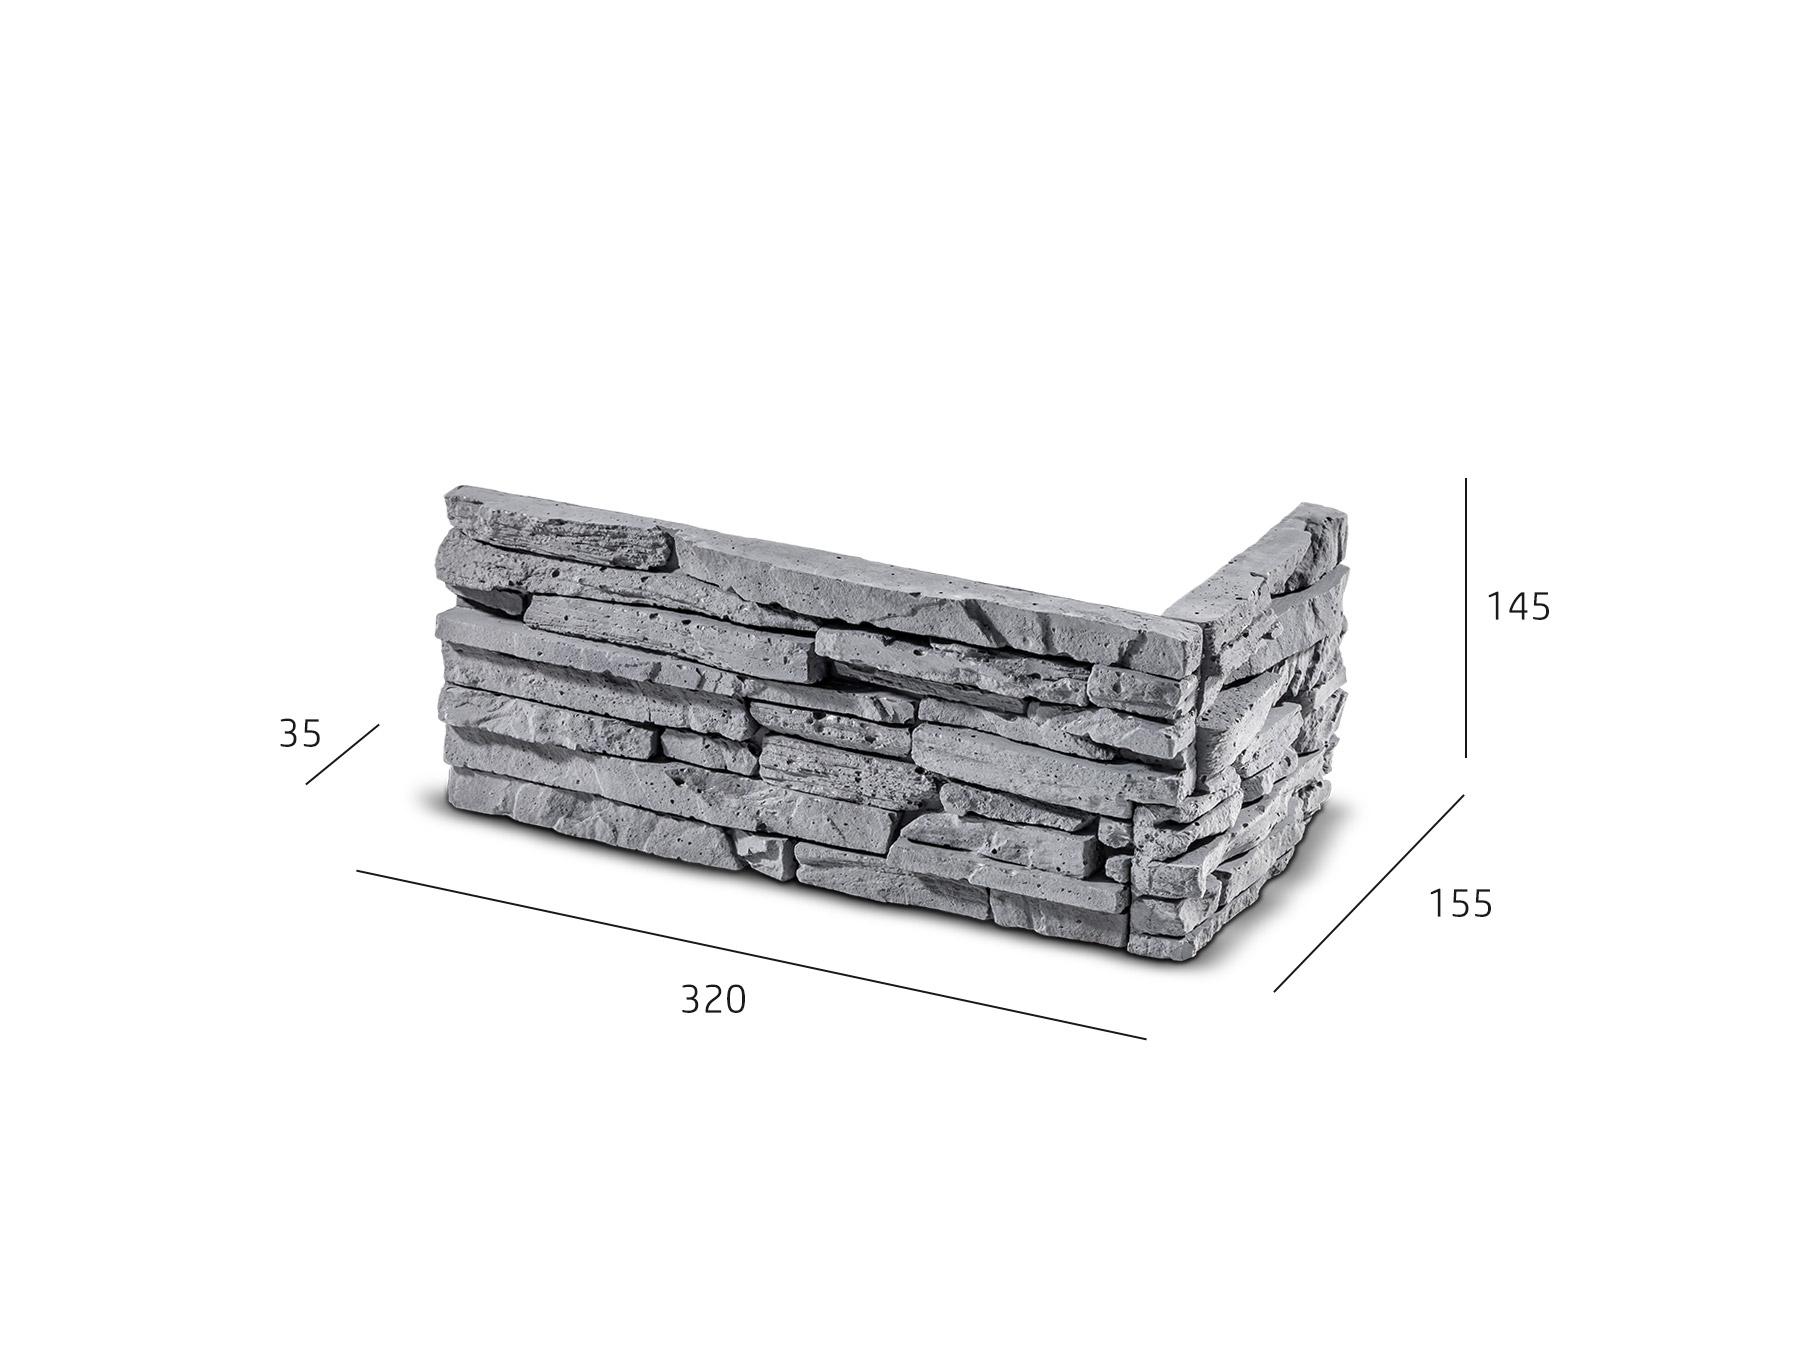 ROH Kamenný obklad CUBANA grafit 320x155x145x35 mm Beton balení 0,87bm